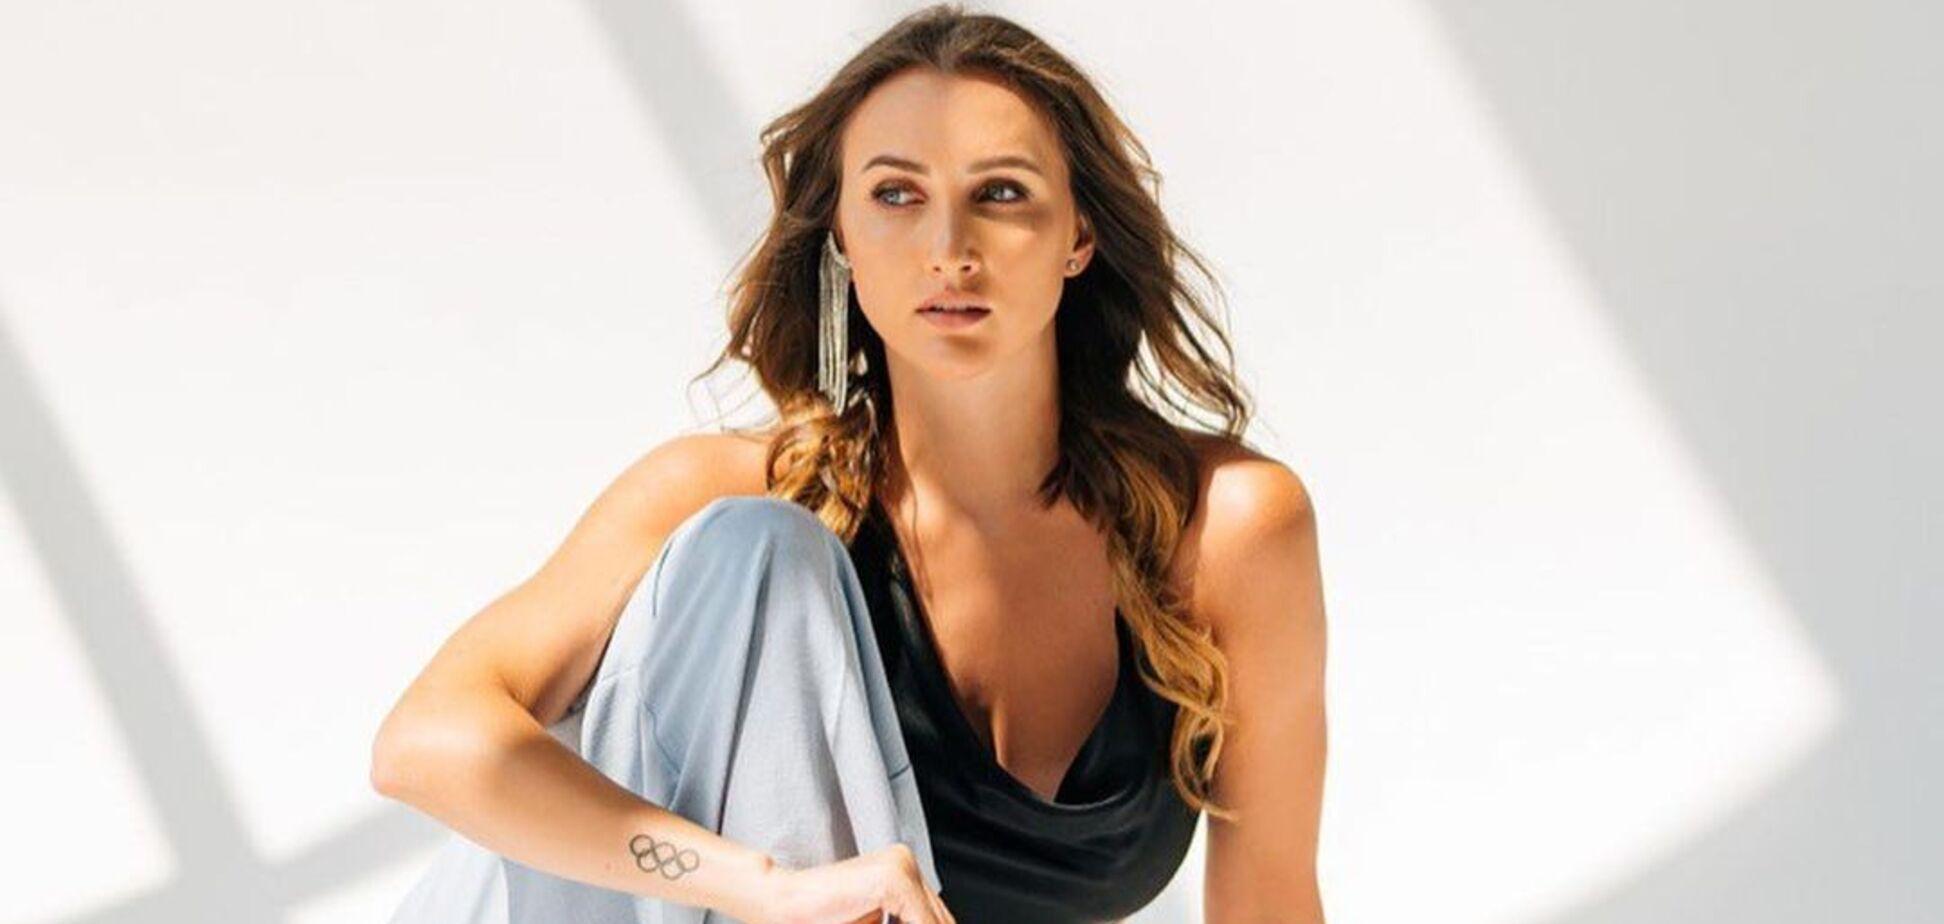 Гимнастка Анна Ризатдинова показала соблазнительные фото с телешоу